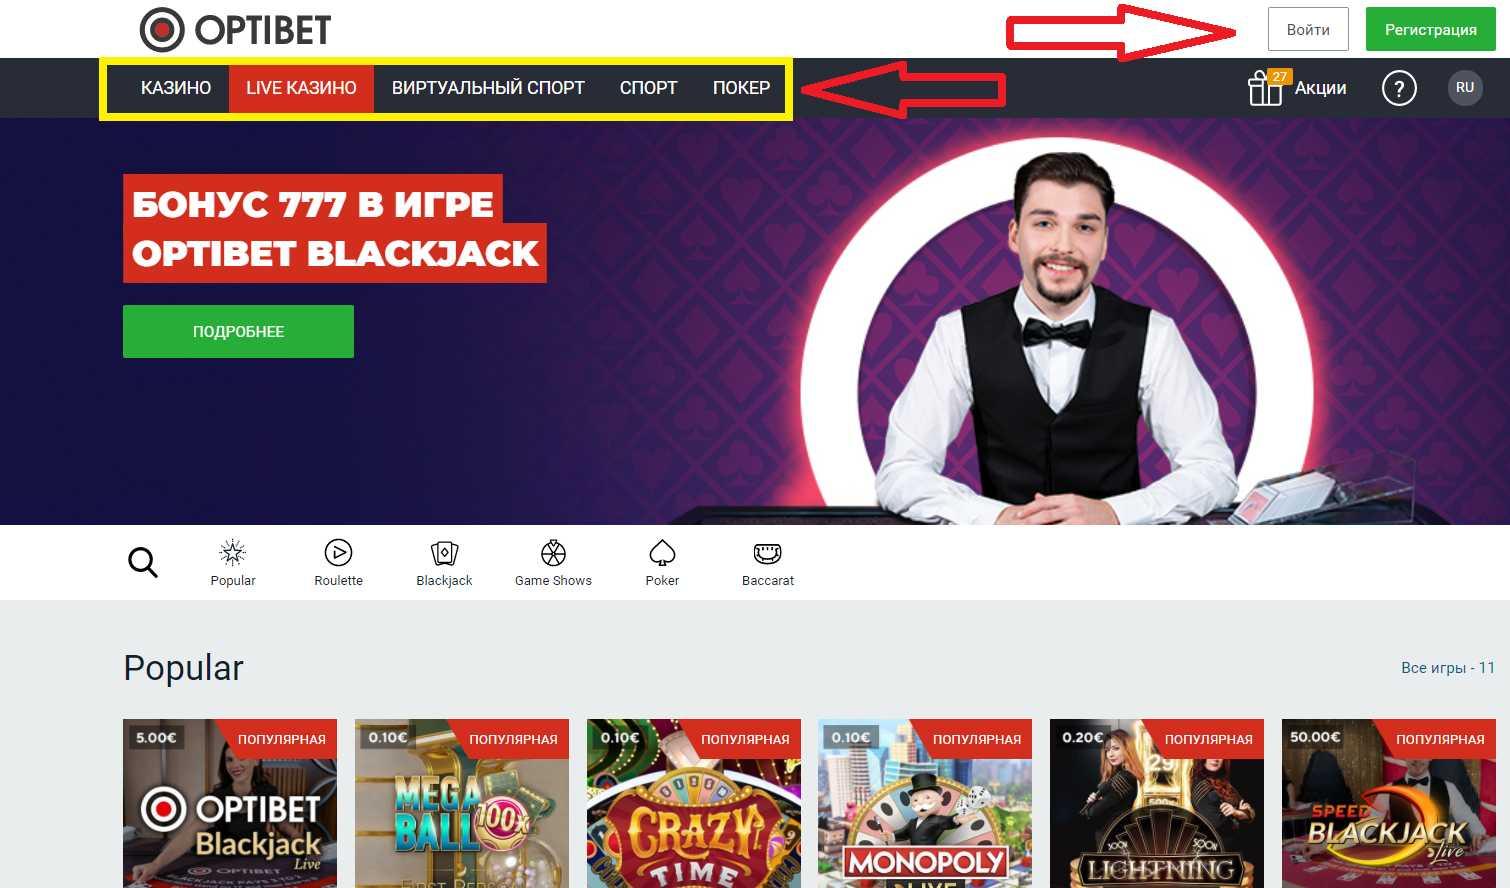 Покер и прочие азартные игры на сайте Оптибет лв в Латвии